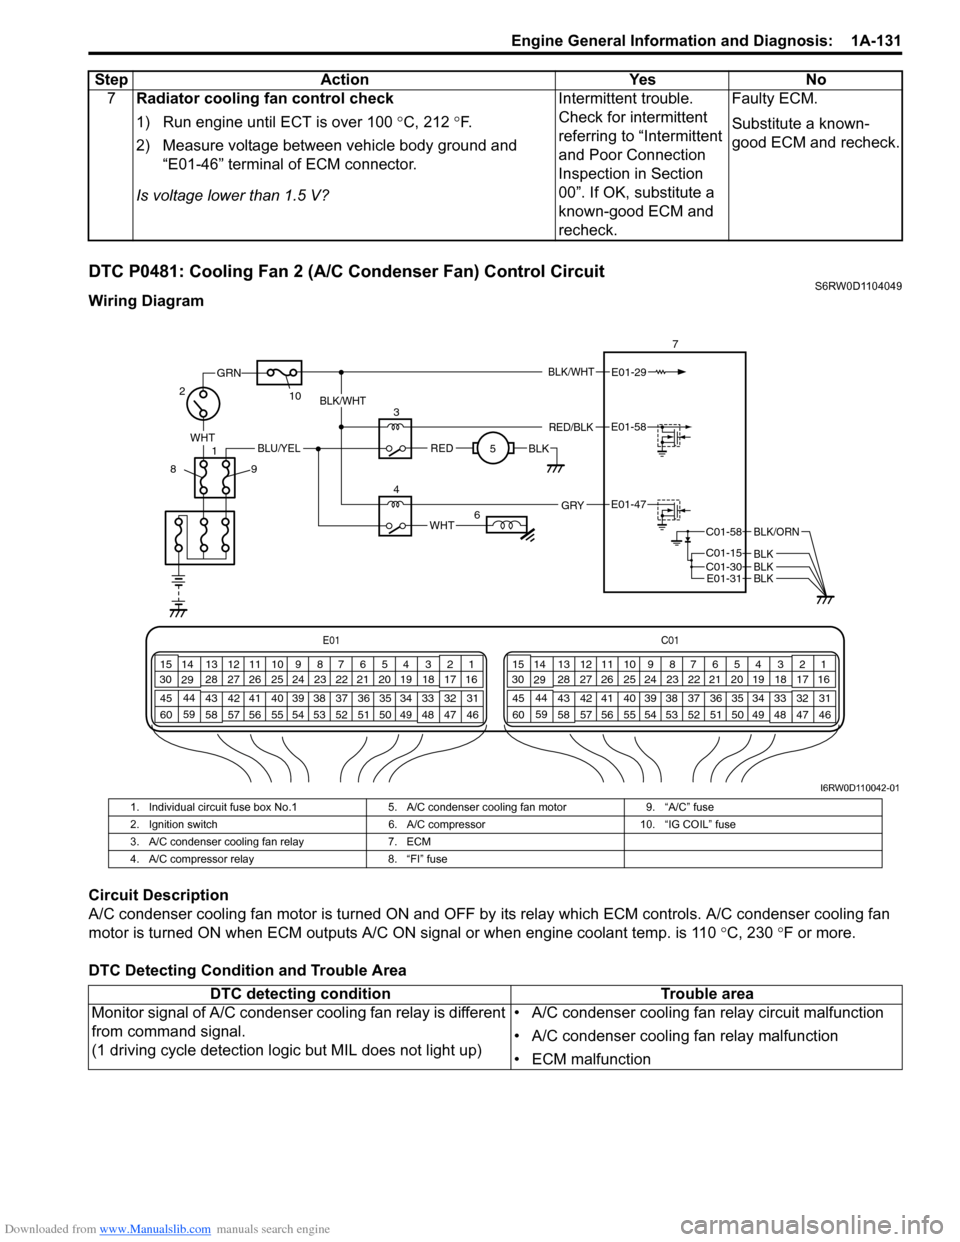 medium resolution of fuse box on suzuki sx4 trusted wiring diagram suzuki sx4 engine fuse box on suzuki sx4